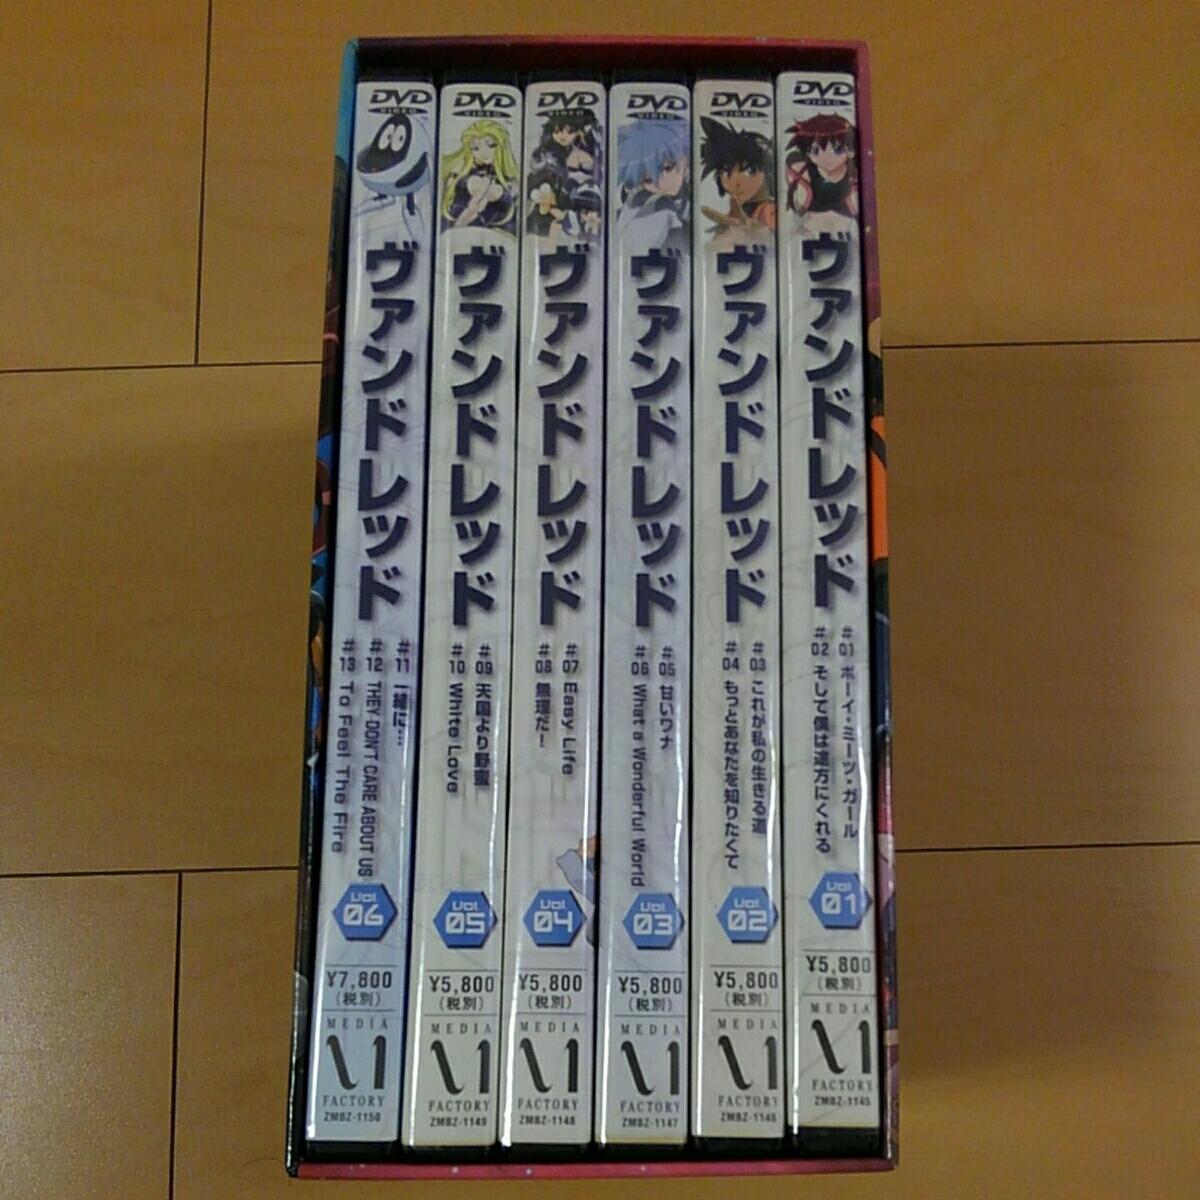 【DVD】ヴァンドレッド6巻セット ケース付_画像3